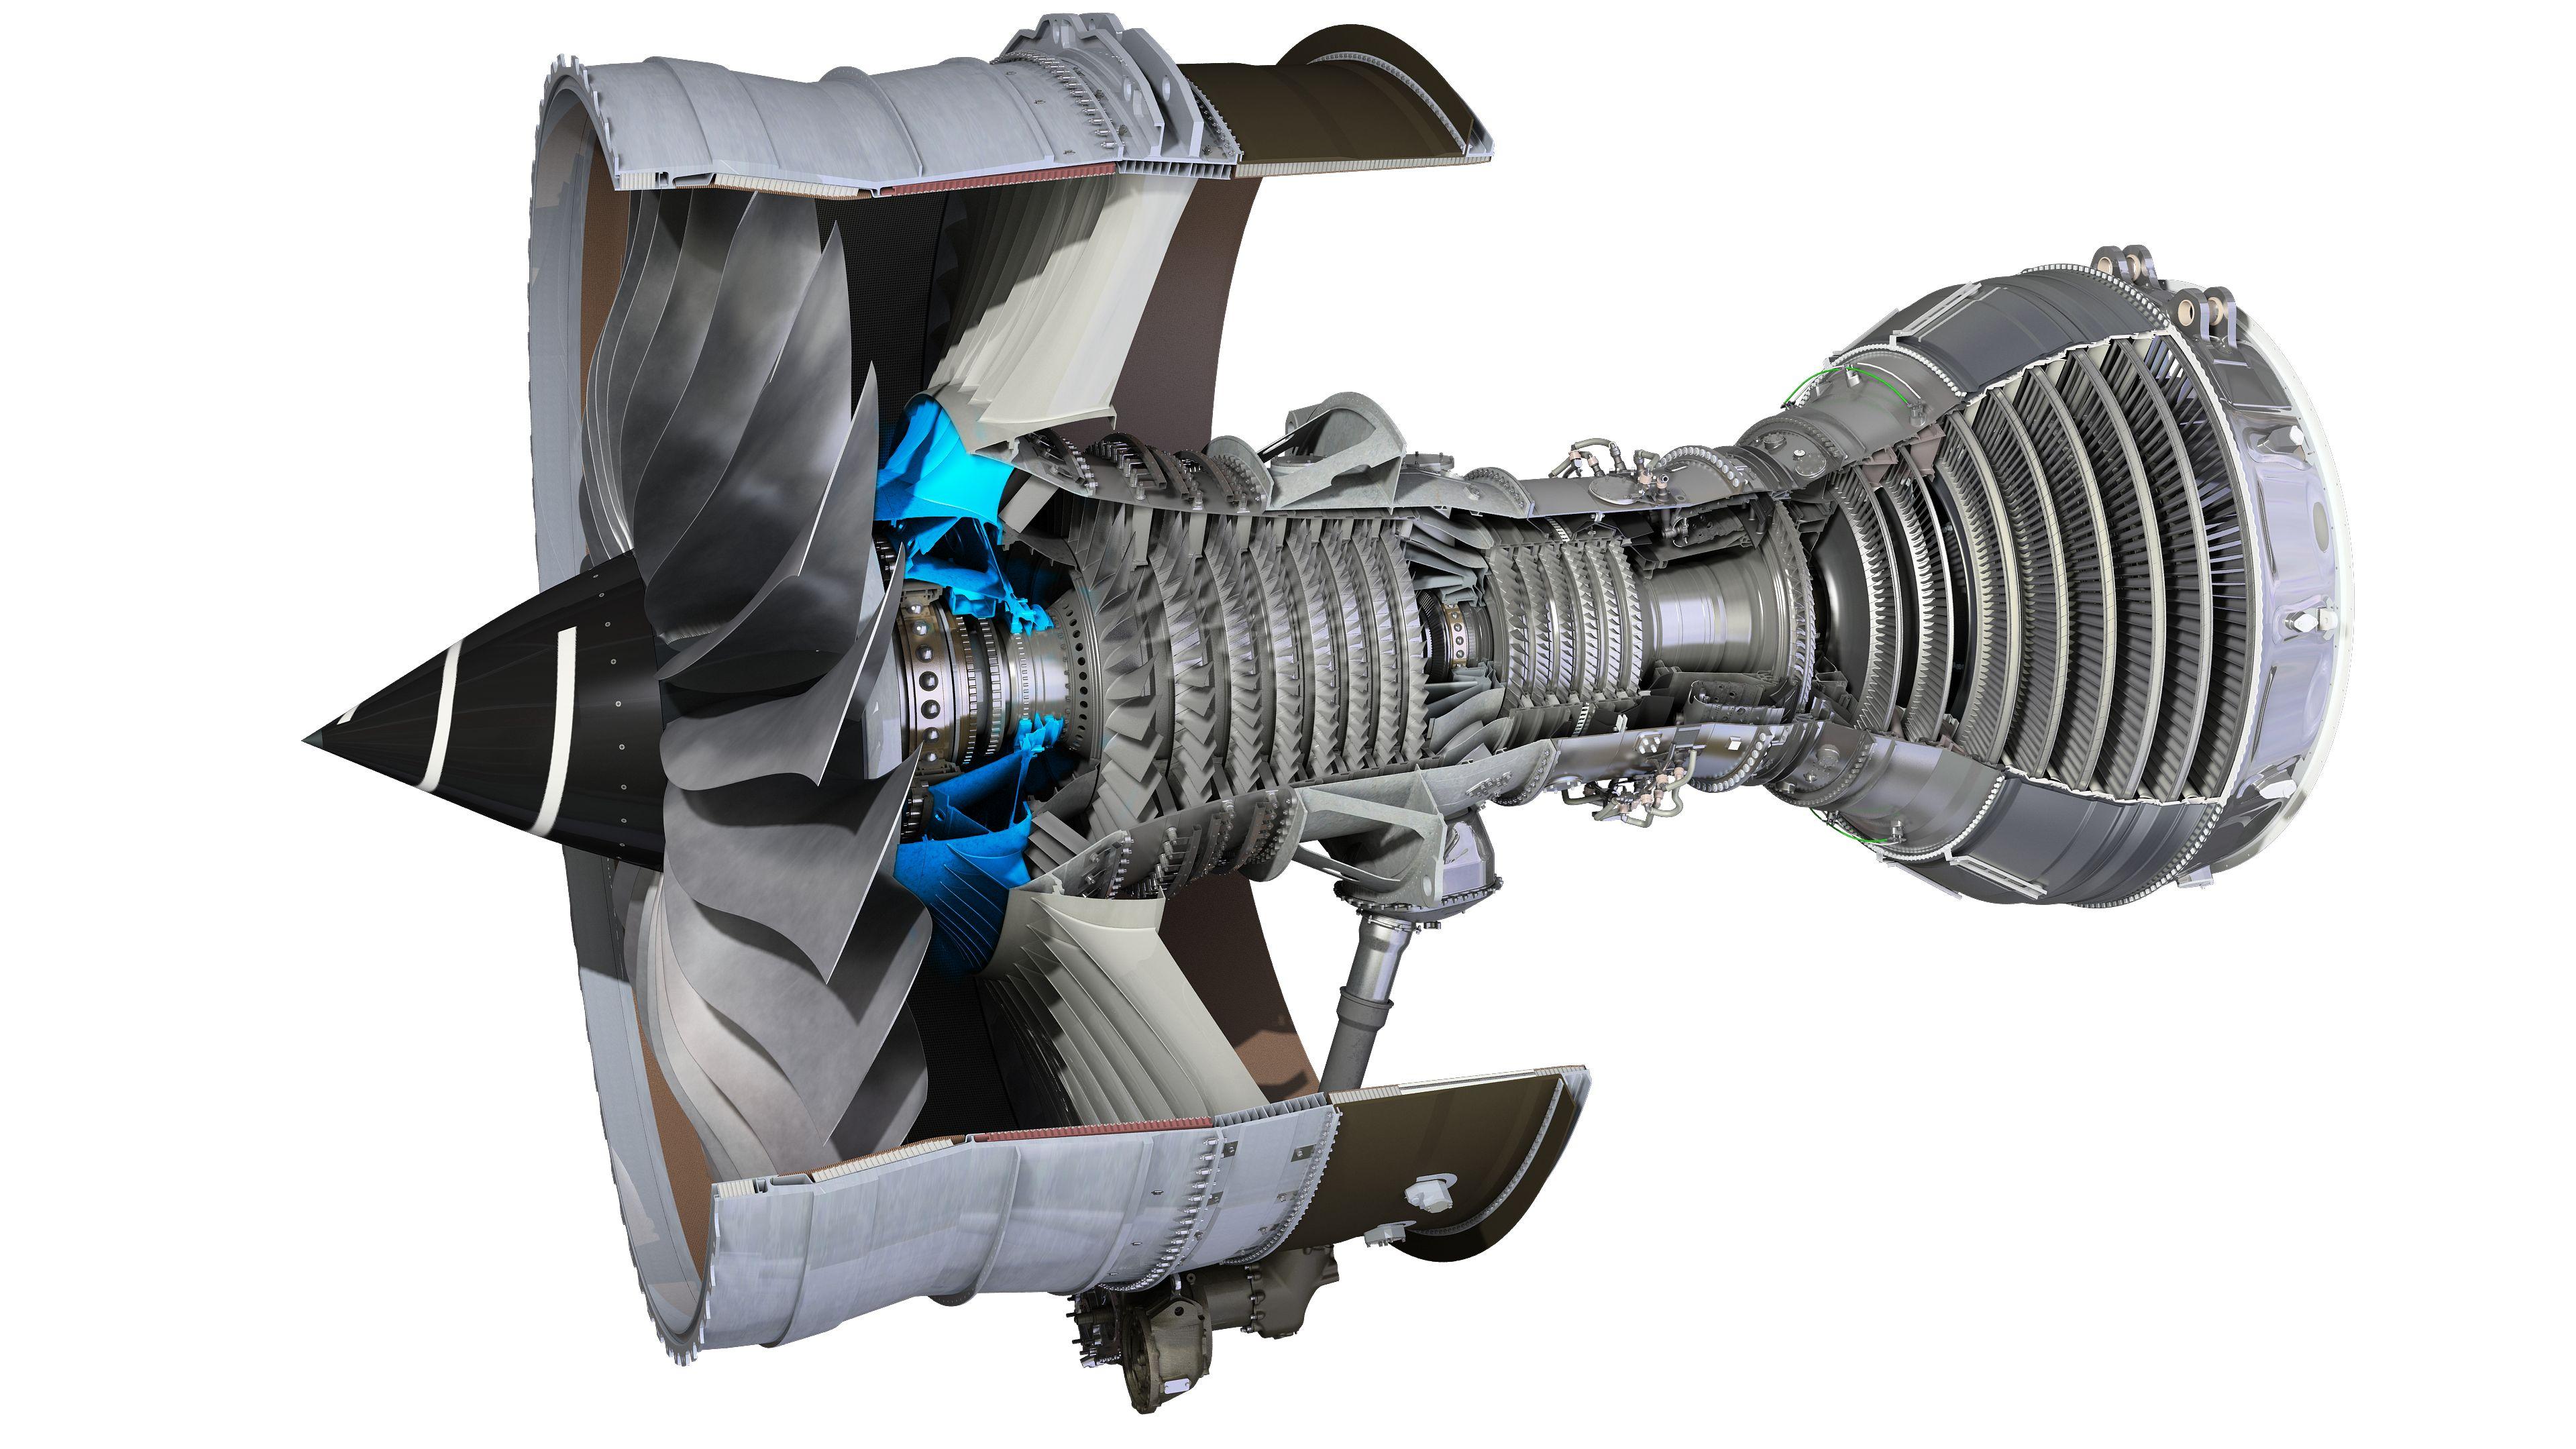 若用航空航天用轴承需要满足哪些要求?